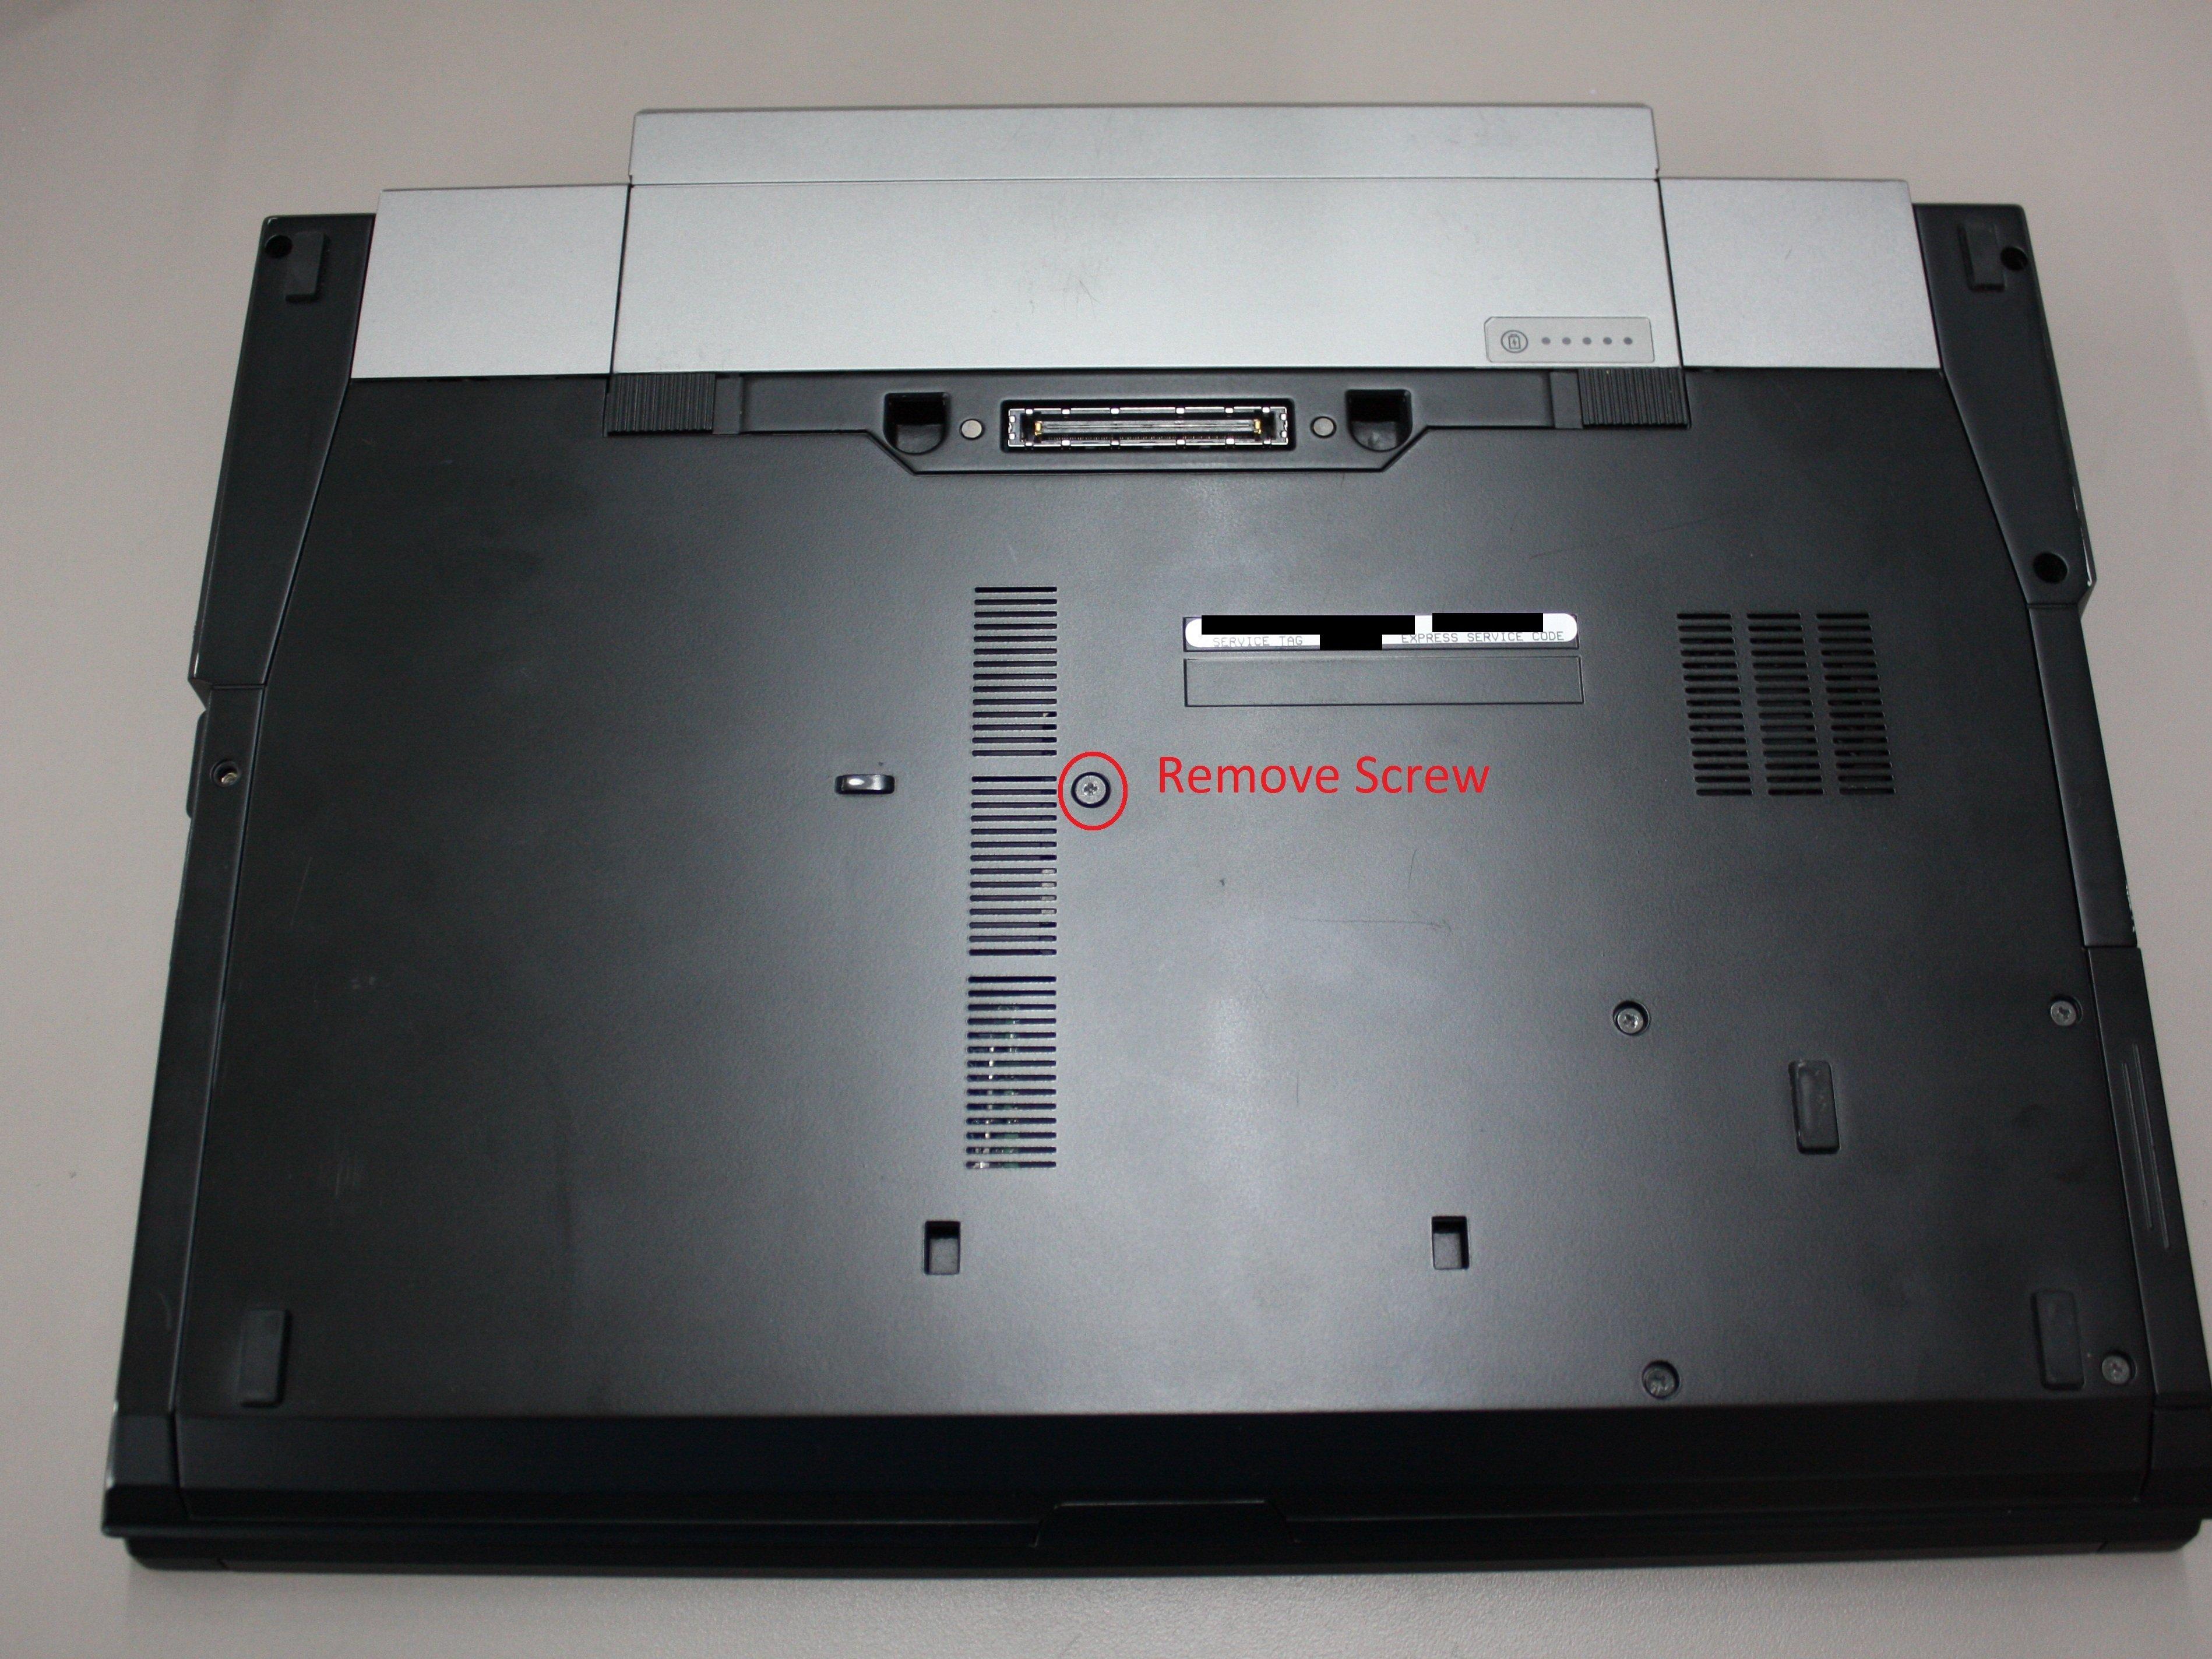 Dell Latitude E6500 Teardown - iFixit